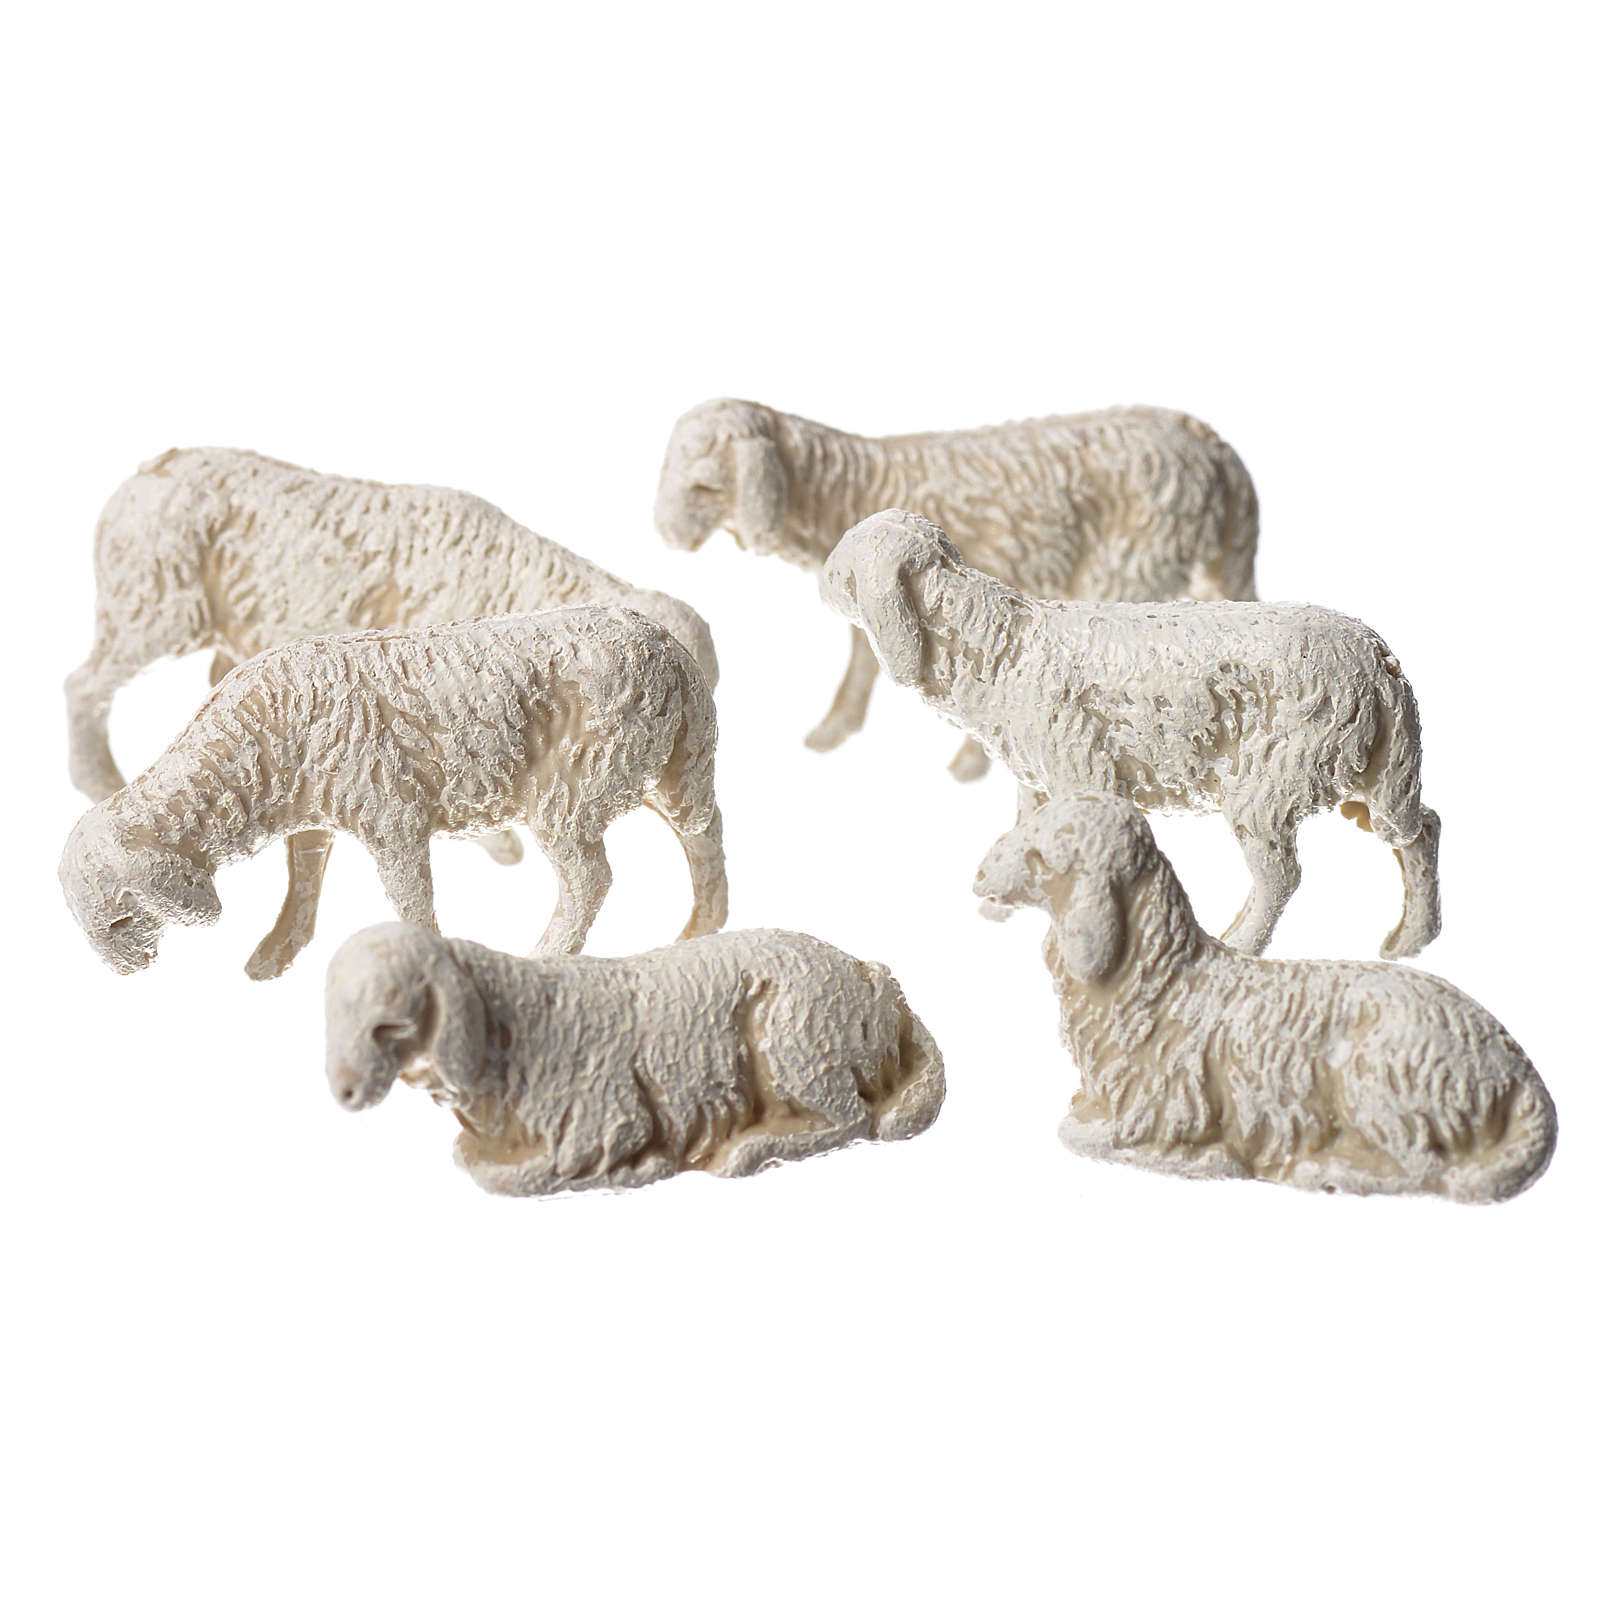 Pecore 6 soggetti presepe Moranduzzo 3,5 cm 4